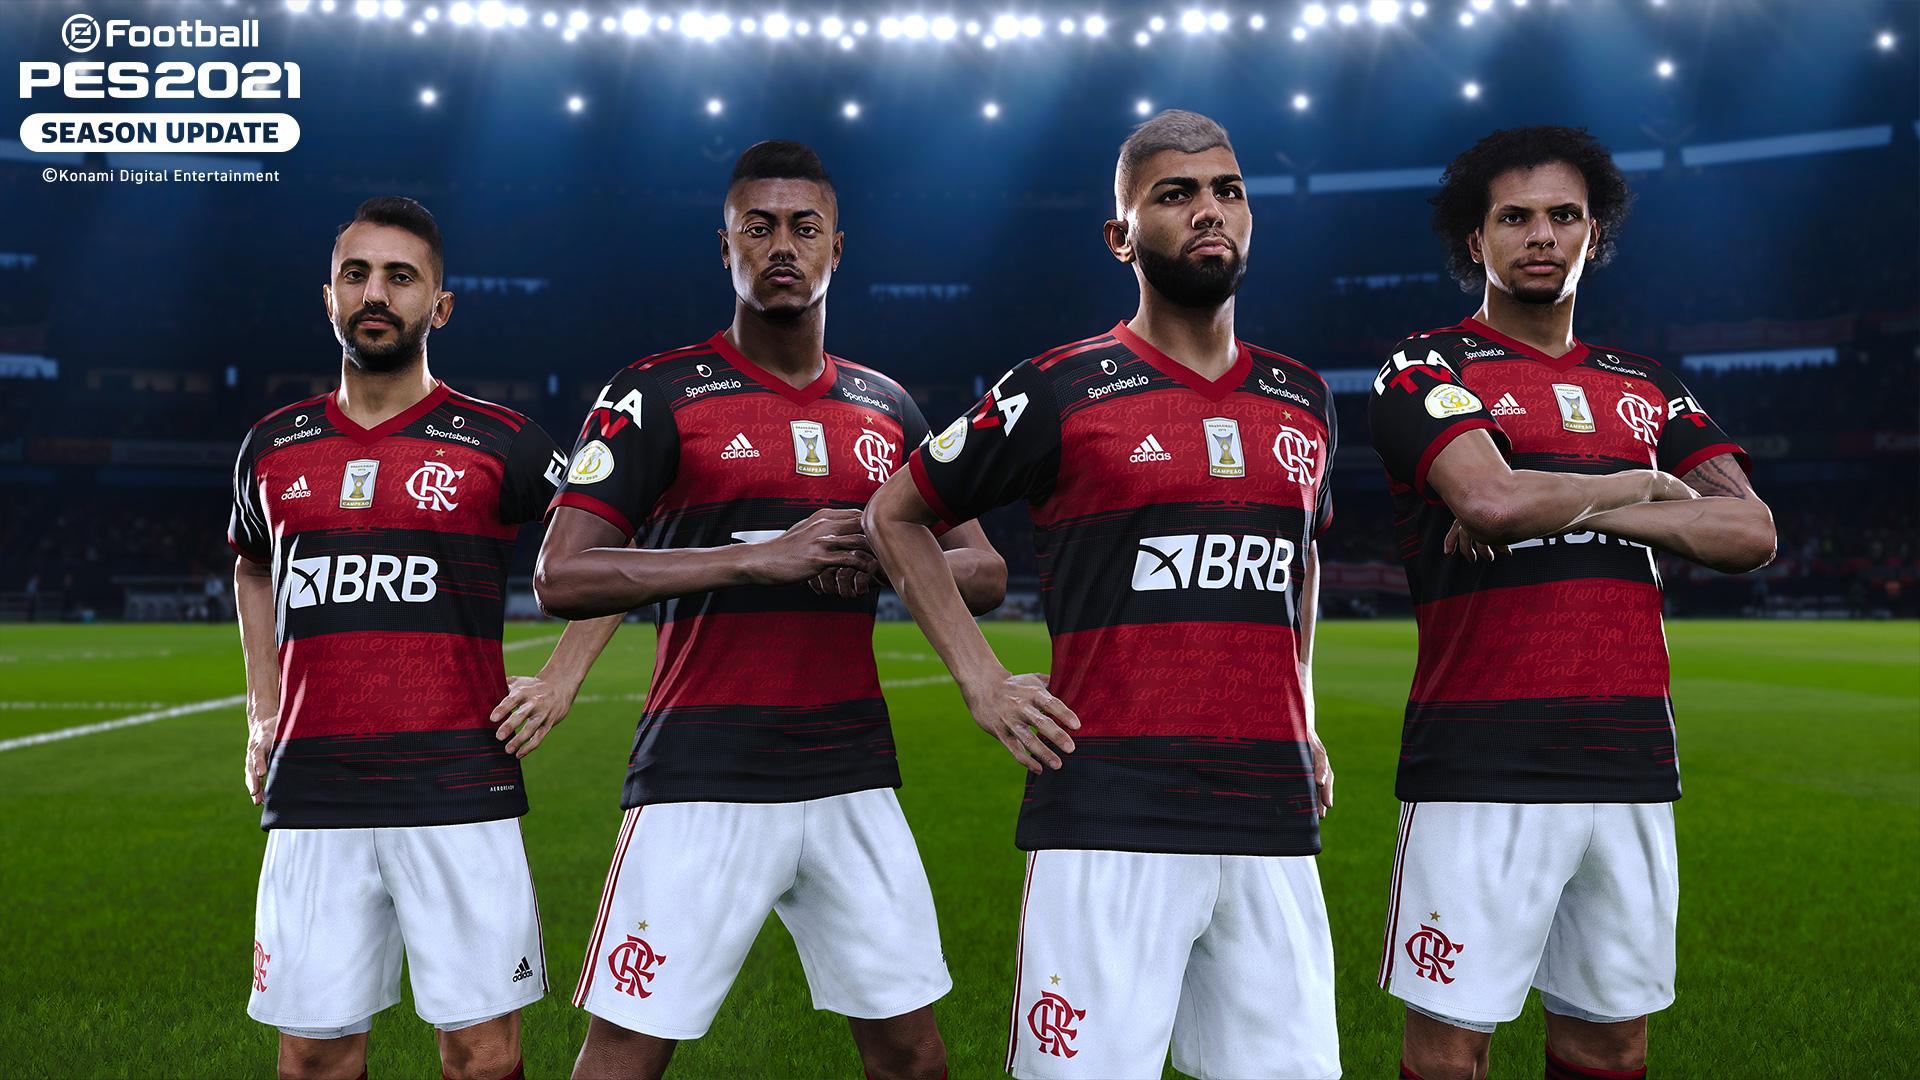 Jogos: eFootball PES 2021 revela parceria com o Flamengo